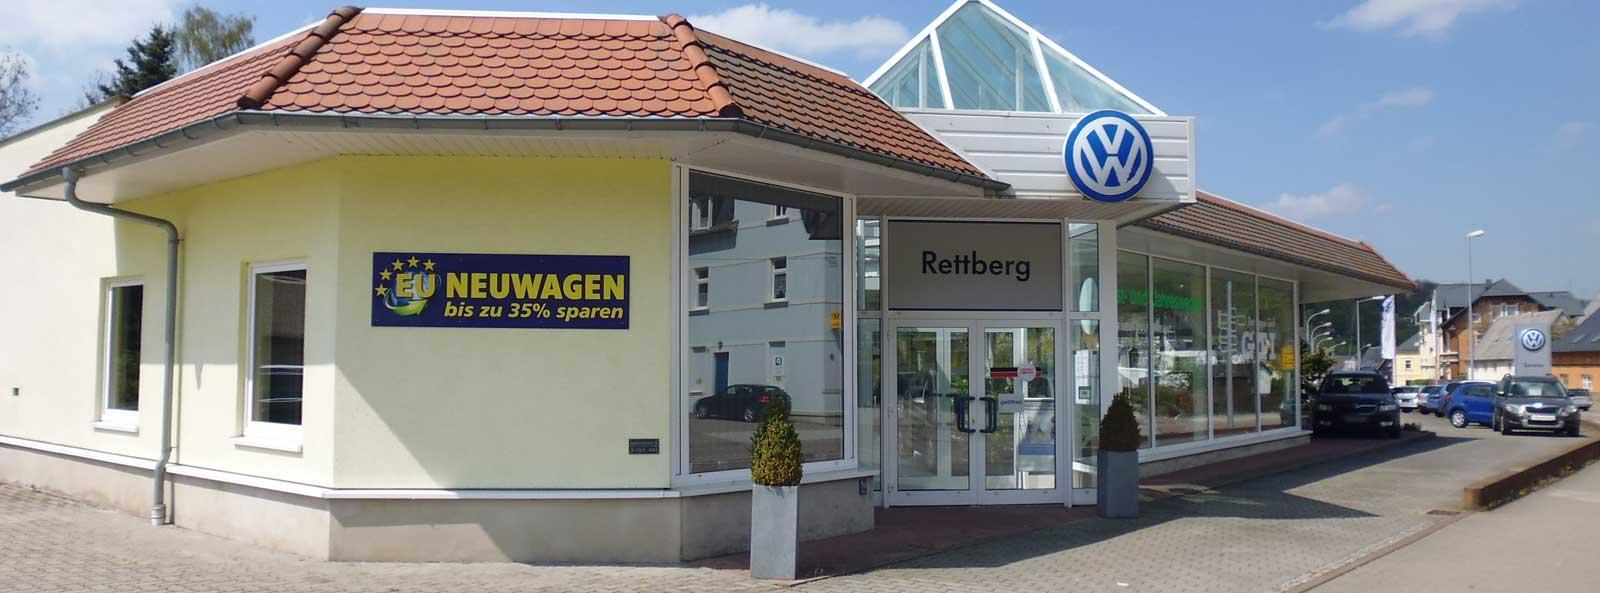 Autohaus Rettberg GmbH - Service Vertragspartner für Volkswagen, Skoda, VW Nutzfahrzeuge